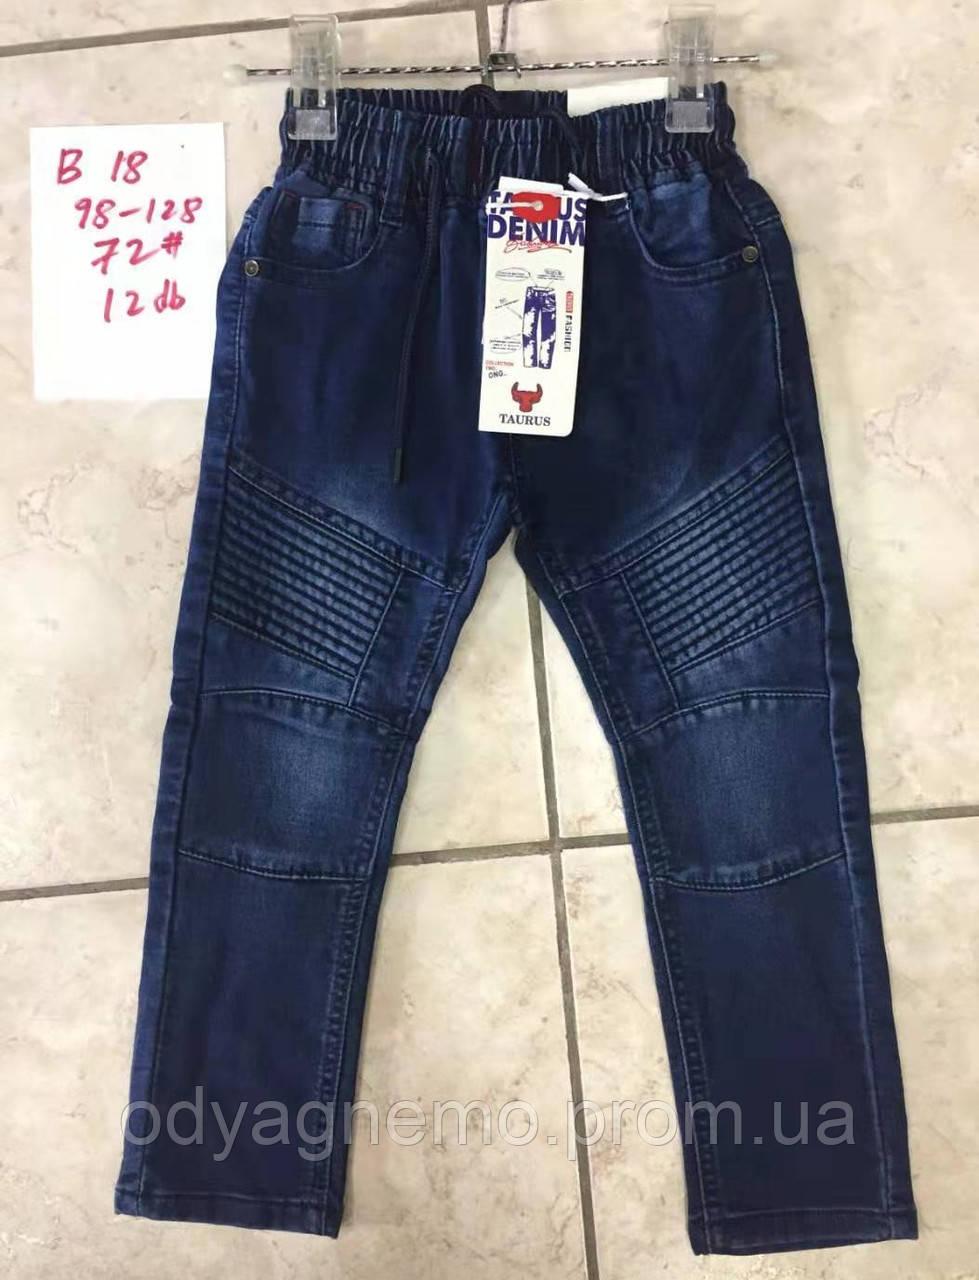 Джинсовые брюки для мальчиков Taurus, 98-128 pp. Артикул: B18